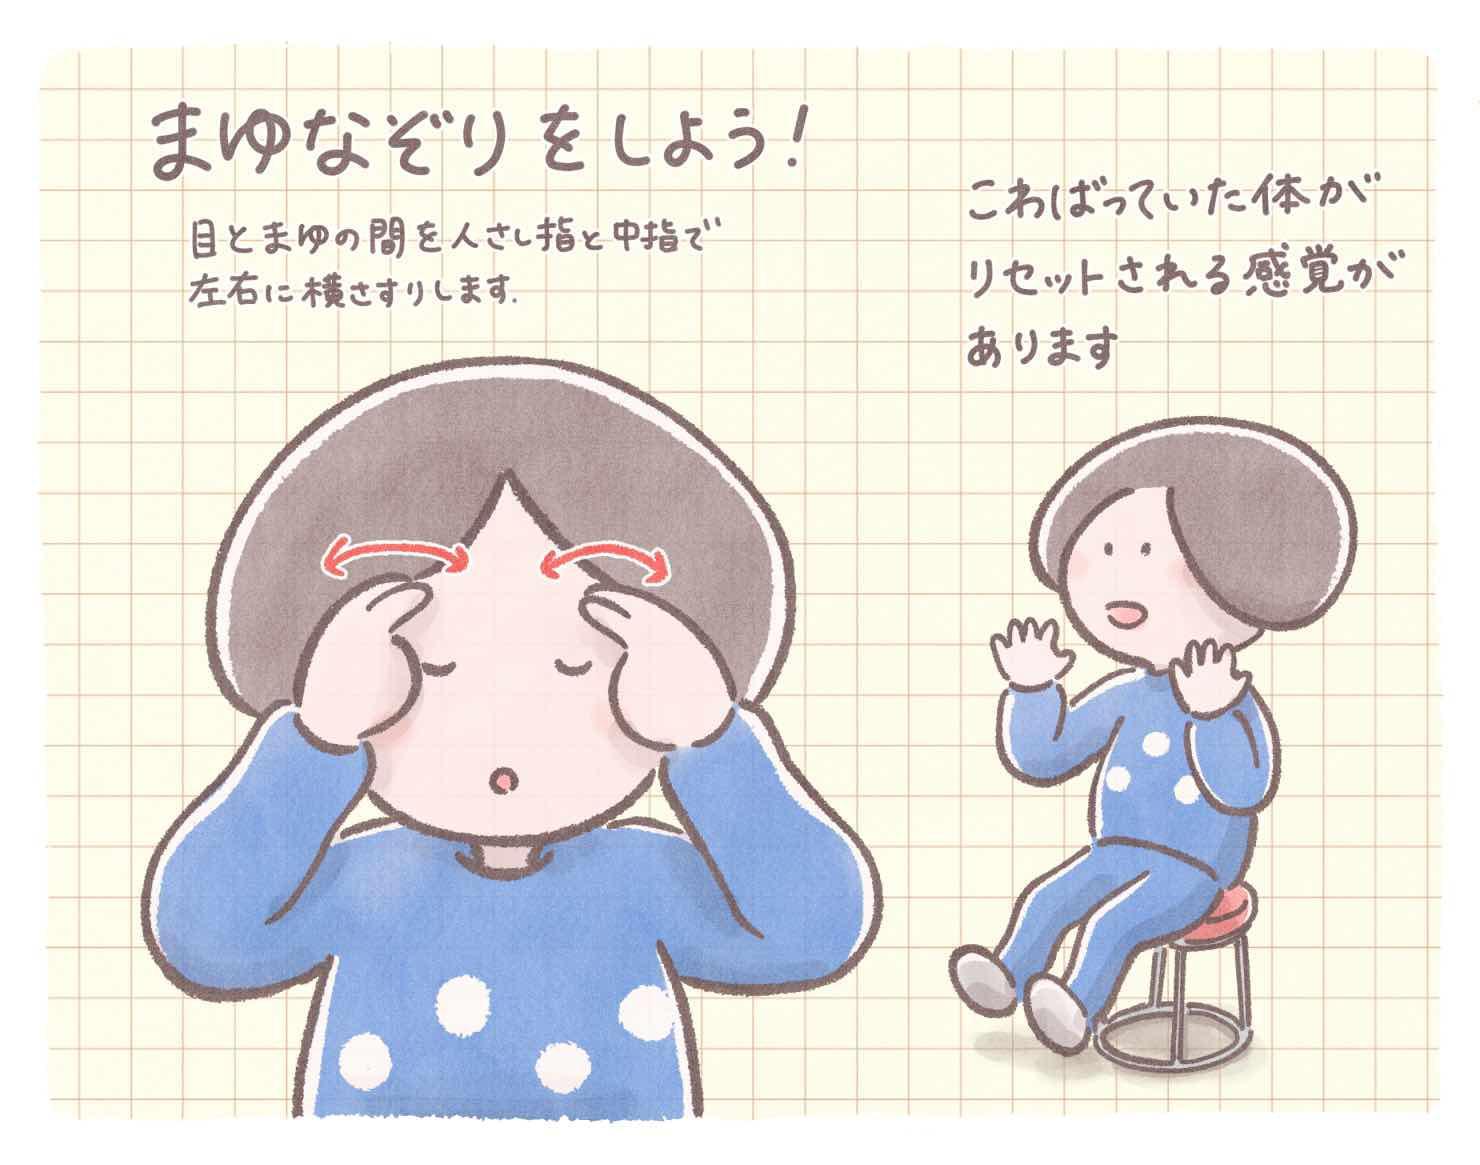 ミニマリストのセルフケア日和(vol.11) 呼吸法とマッサージで眼精疲労&スマホ老眼対策をしよう